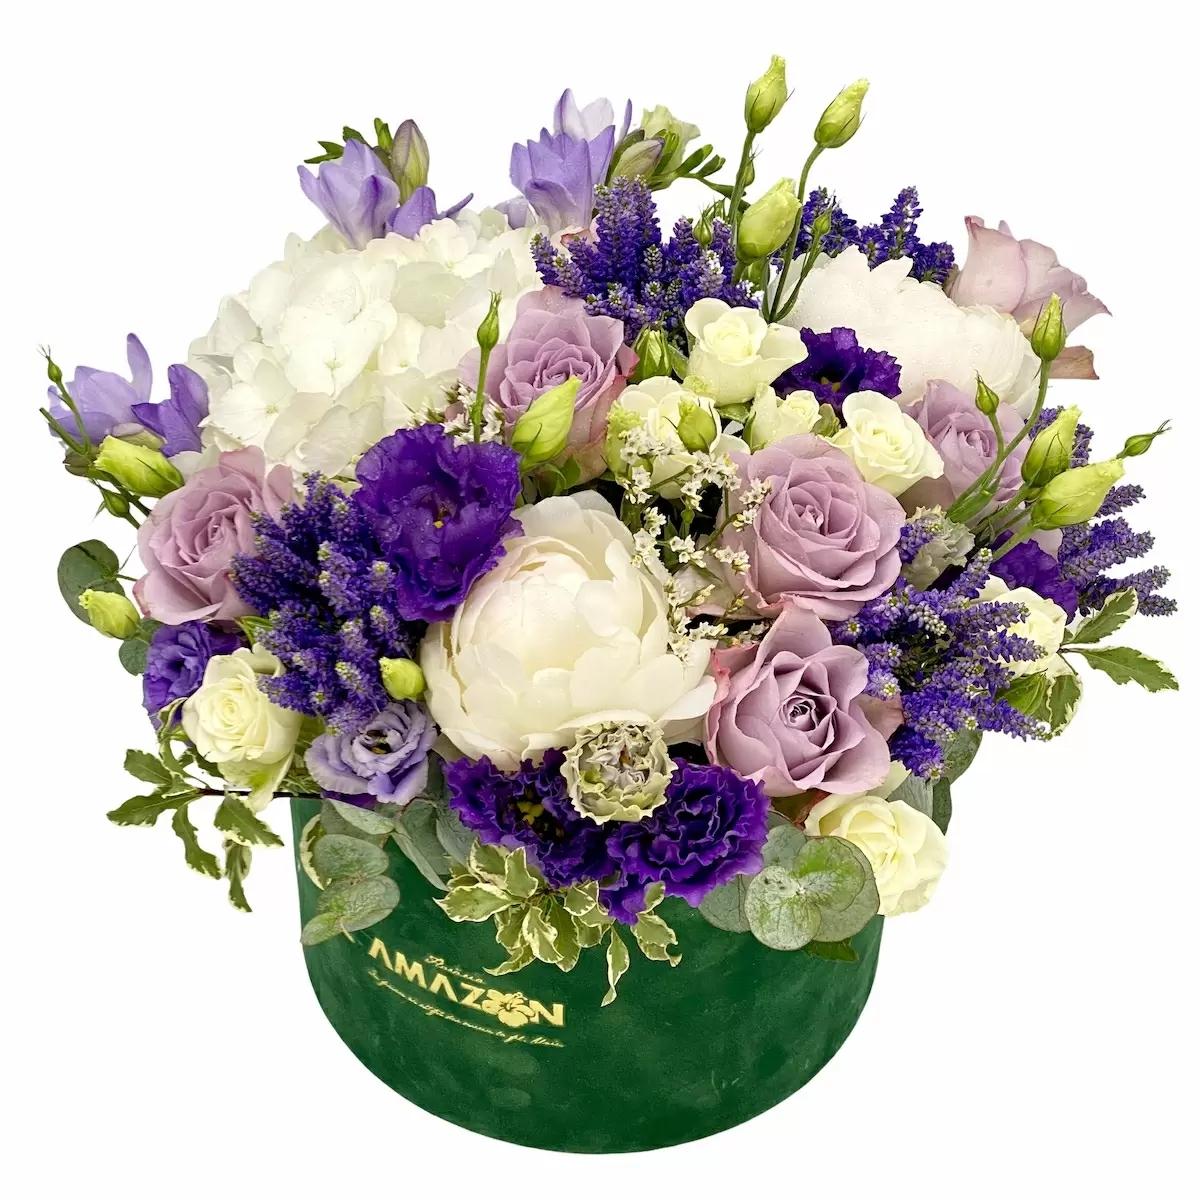 (P) Cum primesti livrare gratuită atunci cand comanzi flori online?